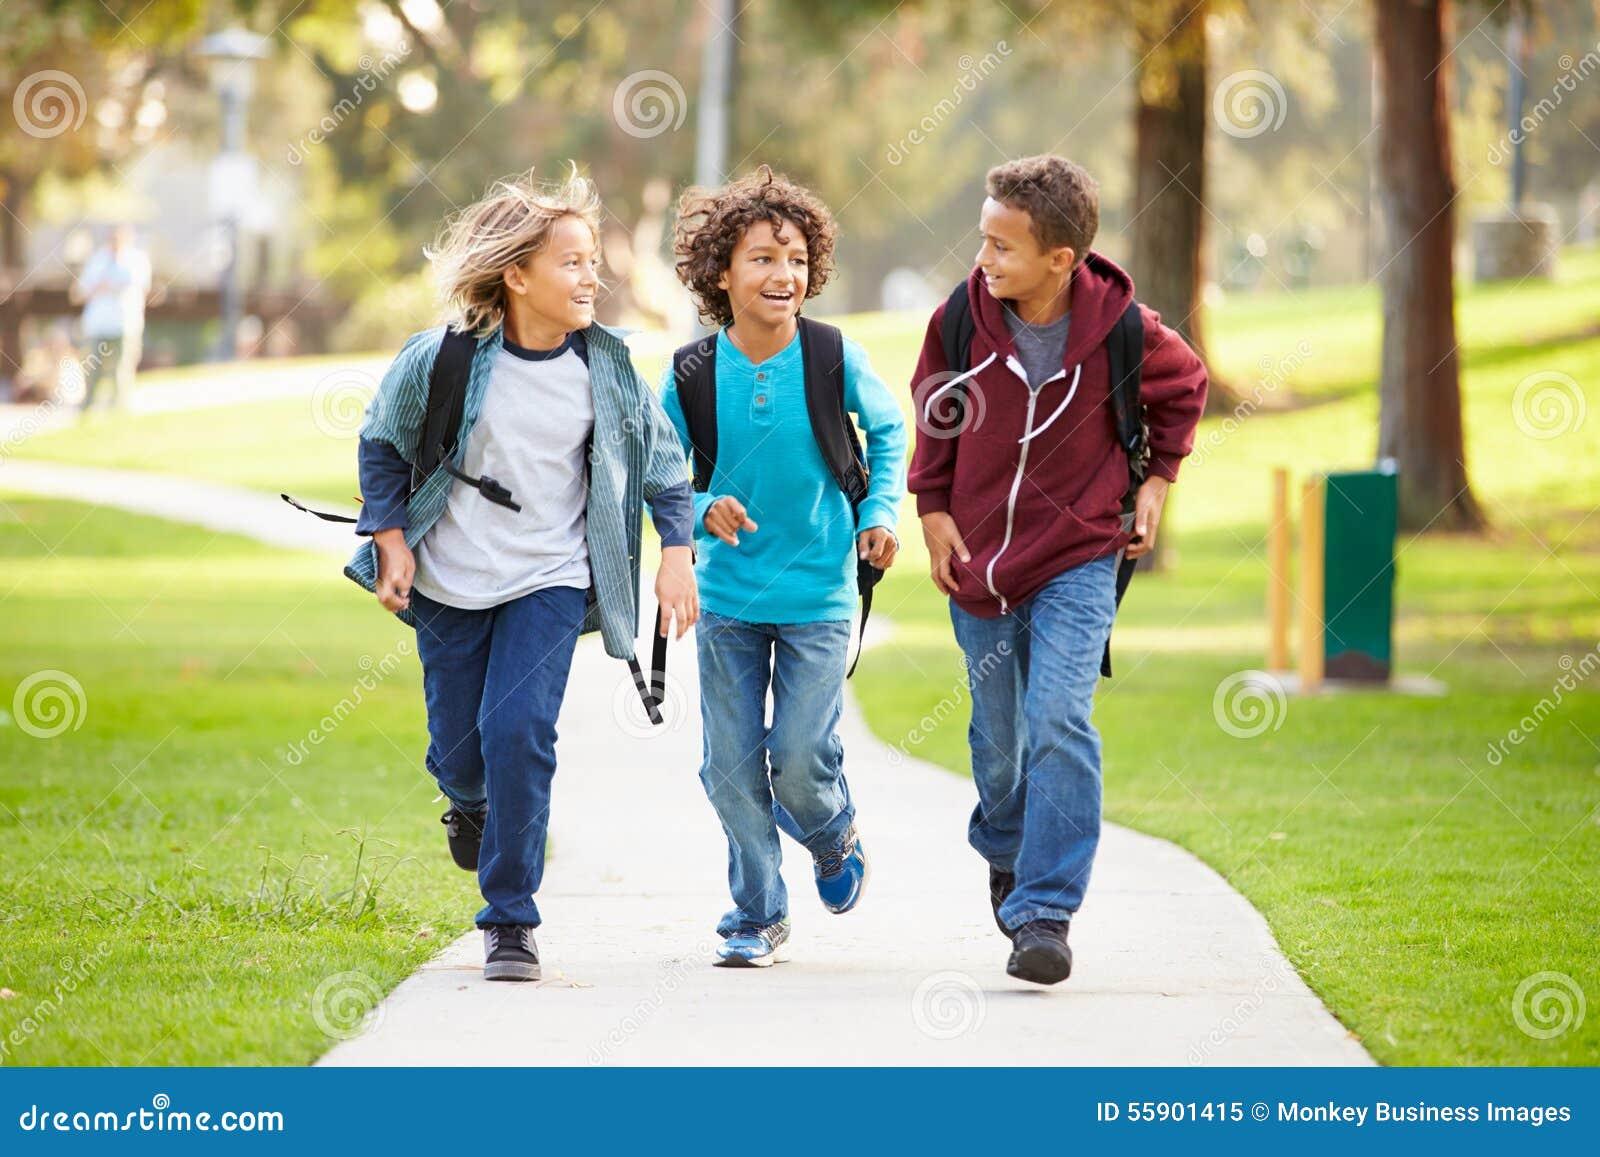 Grupa Young Boys bieg W kierunku kamery W parku